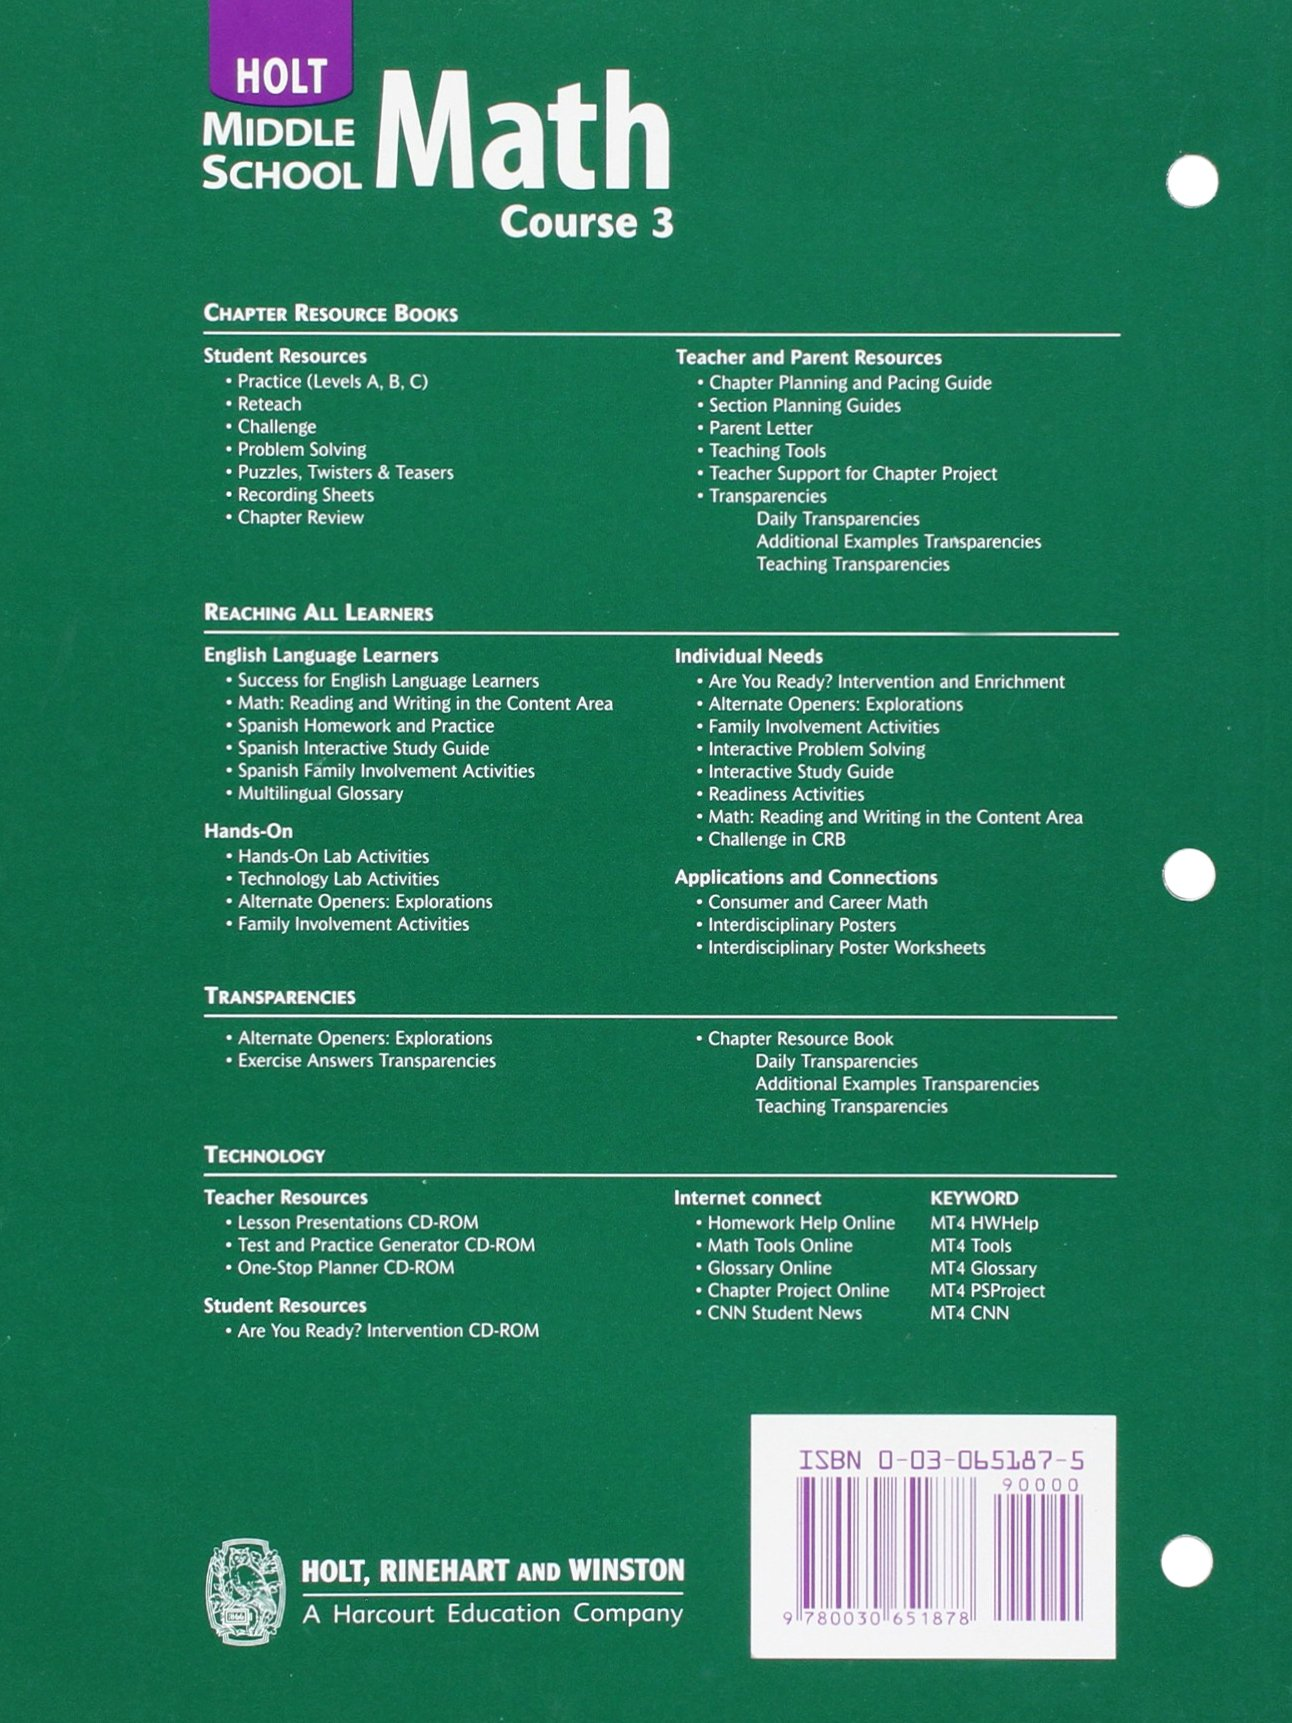 Holt Mathematics: Math Reading and Writing Course 3: Amazon.co.uk ...